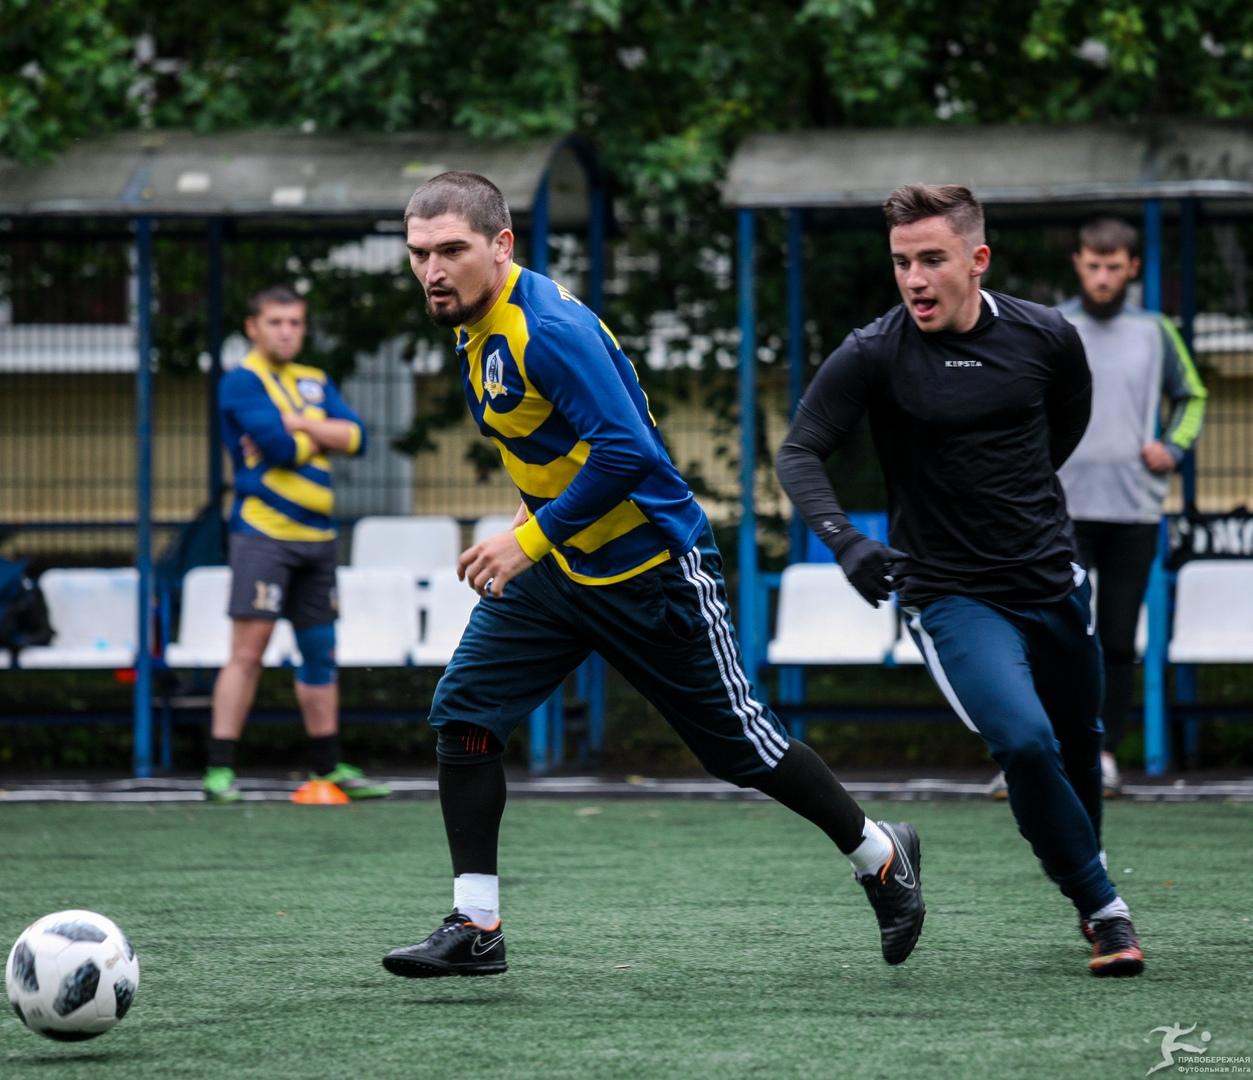 Замир Хуштов (Теодор) и Андрей Теренин (Колтуши)